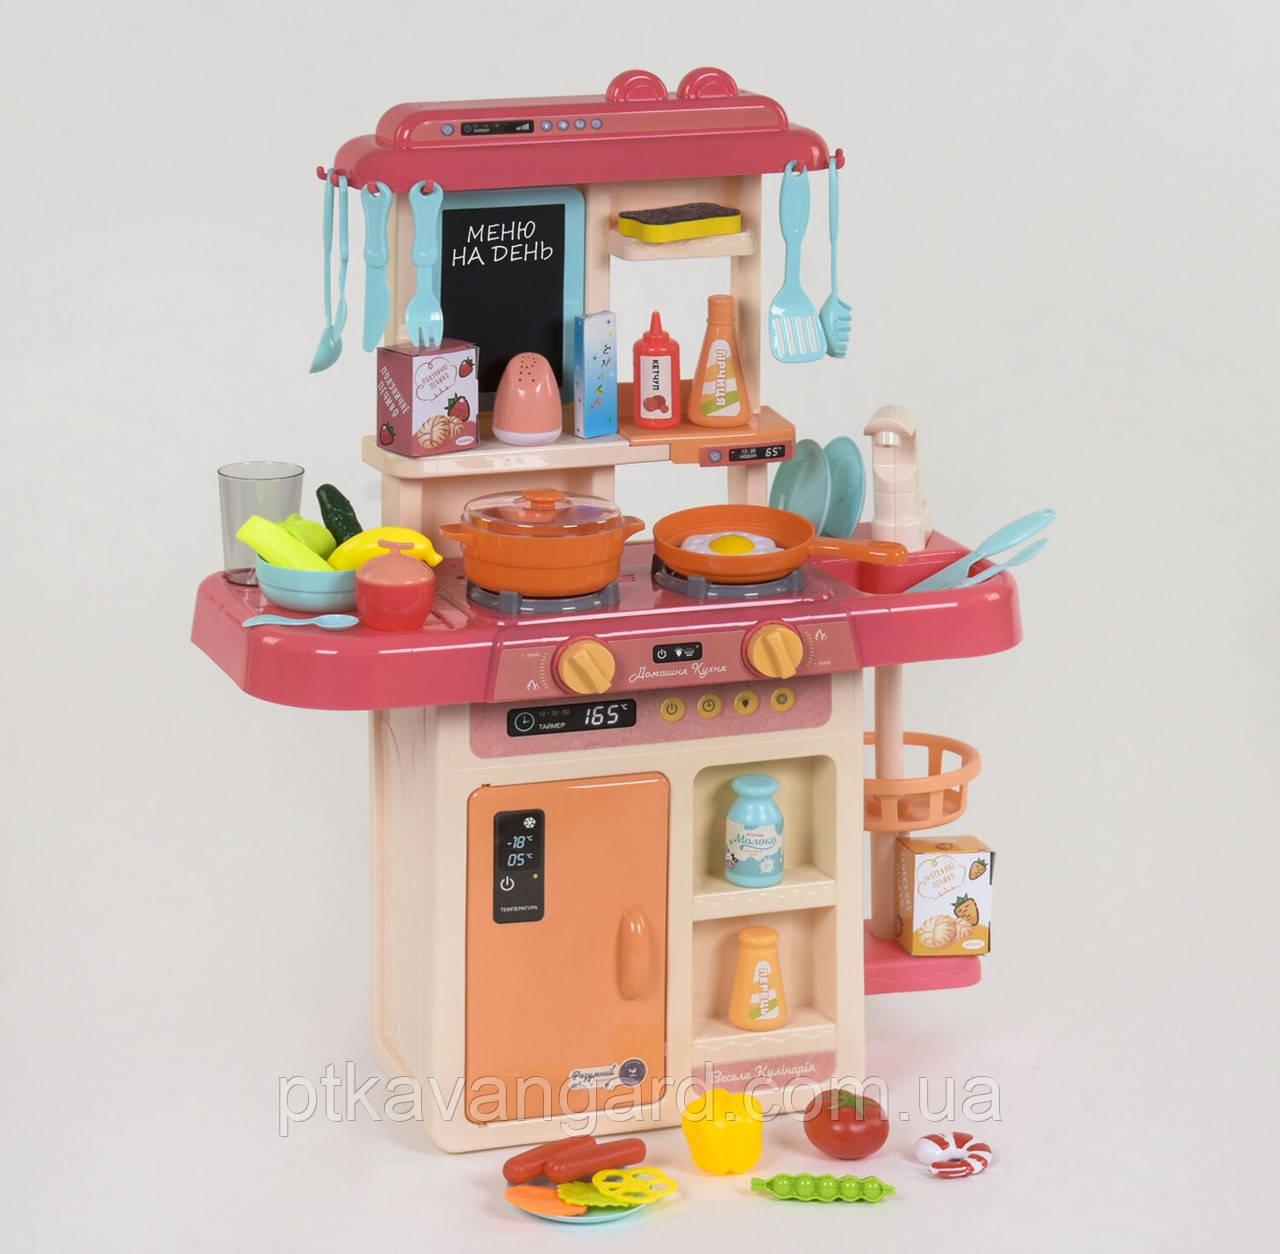 """Игровой набор """"Сучасна Кухня"""" световые и звуковые эффекты, 2 вида, 42 аксессуара, течет вода, """"FUN GAME"""" 7426"""